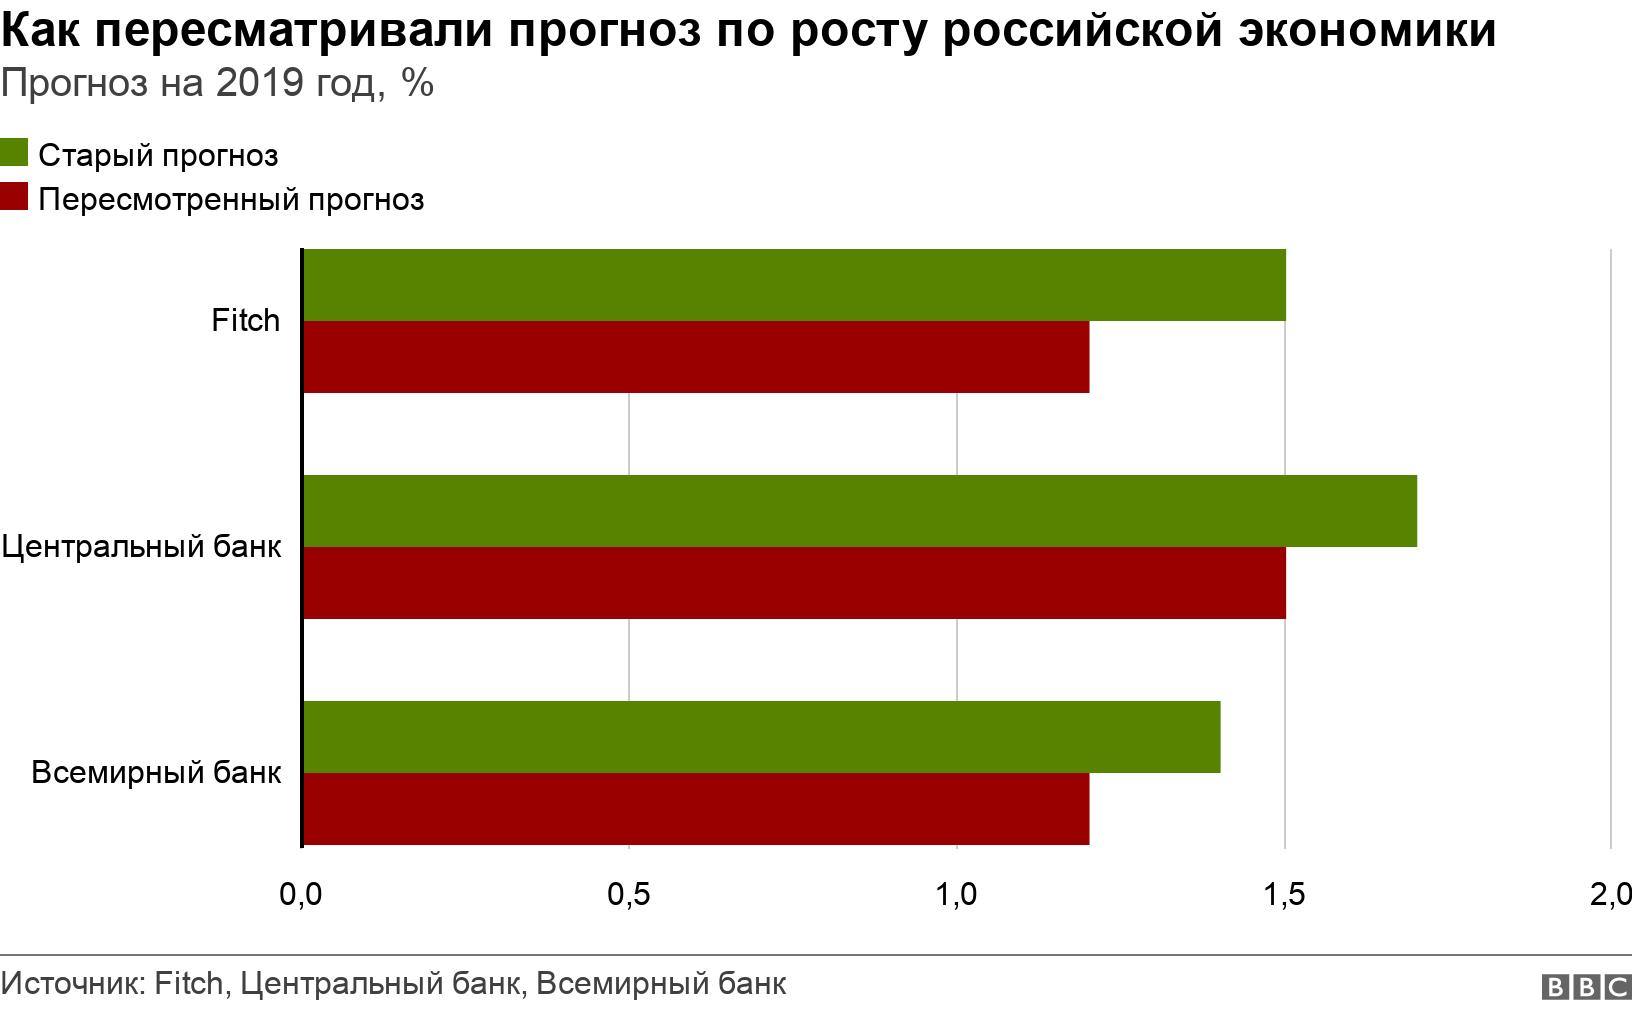 Как пересматривали прогноз по росту российской экономики. Прогноз на 2019 год, %.  .